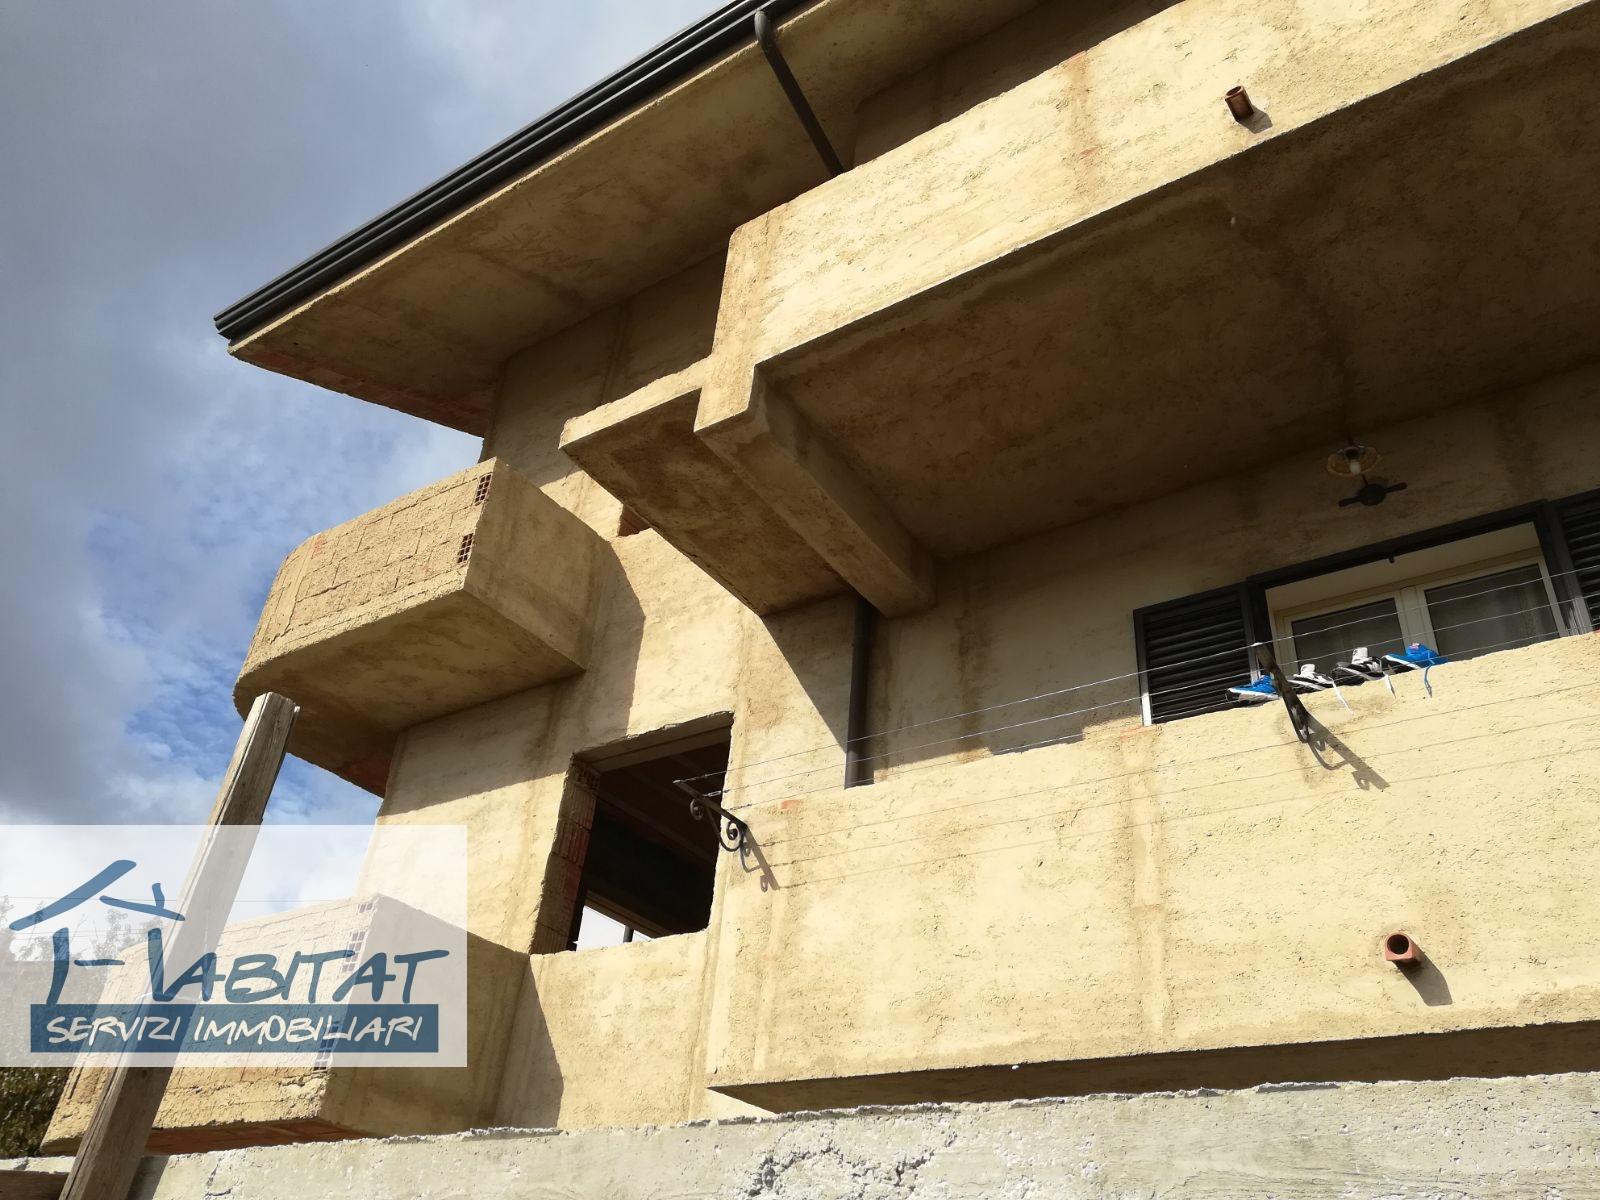 Villa in vendita a Aragona, 8 locali, zona Zona: Caldare, prezzo € 69.000 | CambioCasa.it